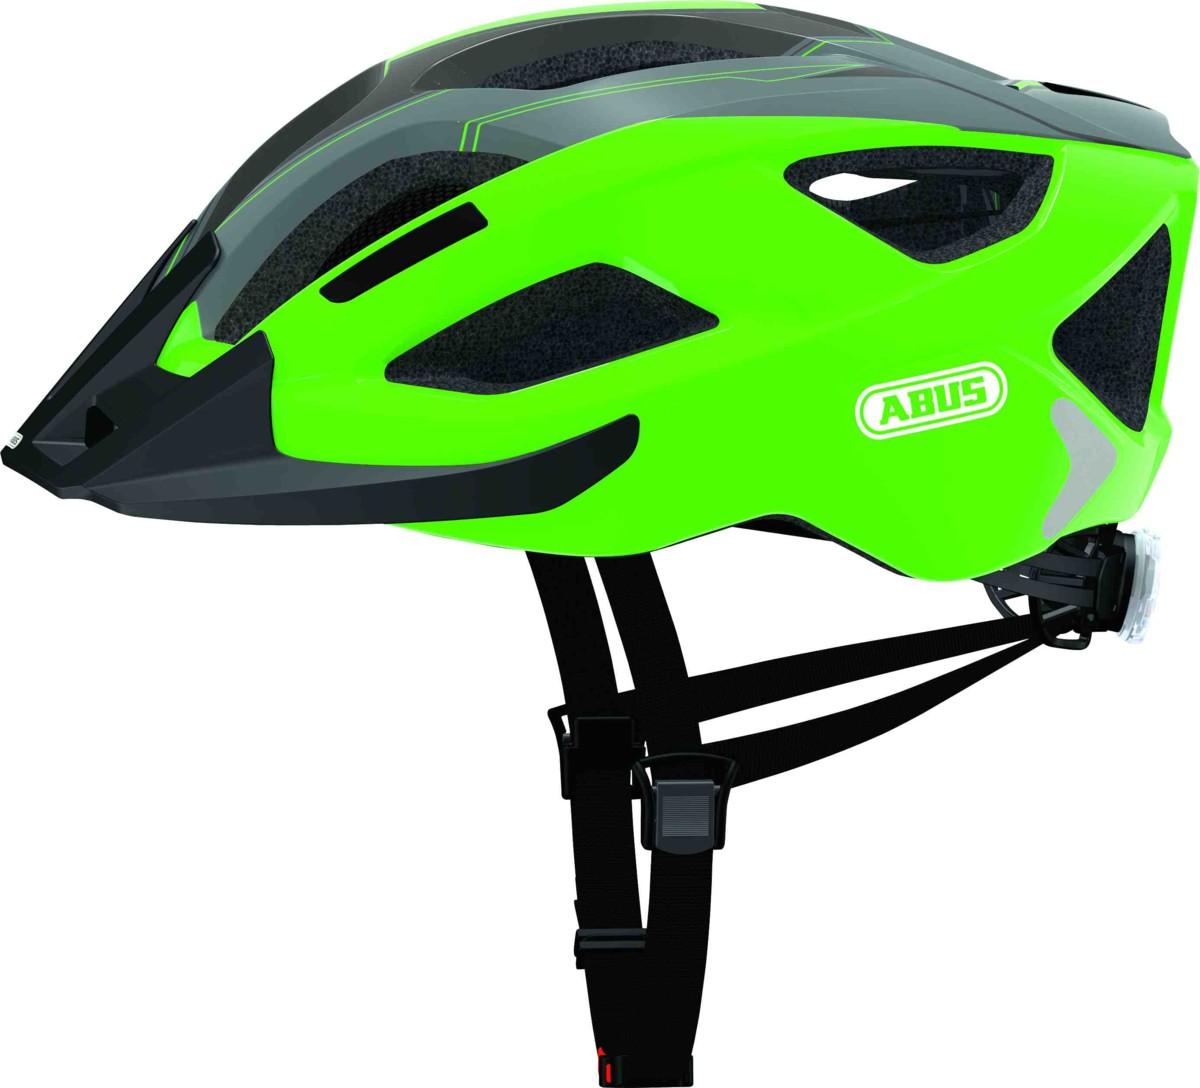 Aduro 2.0 race green L